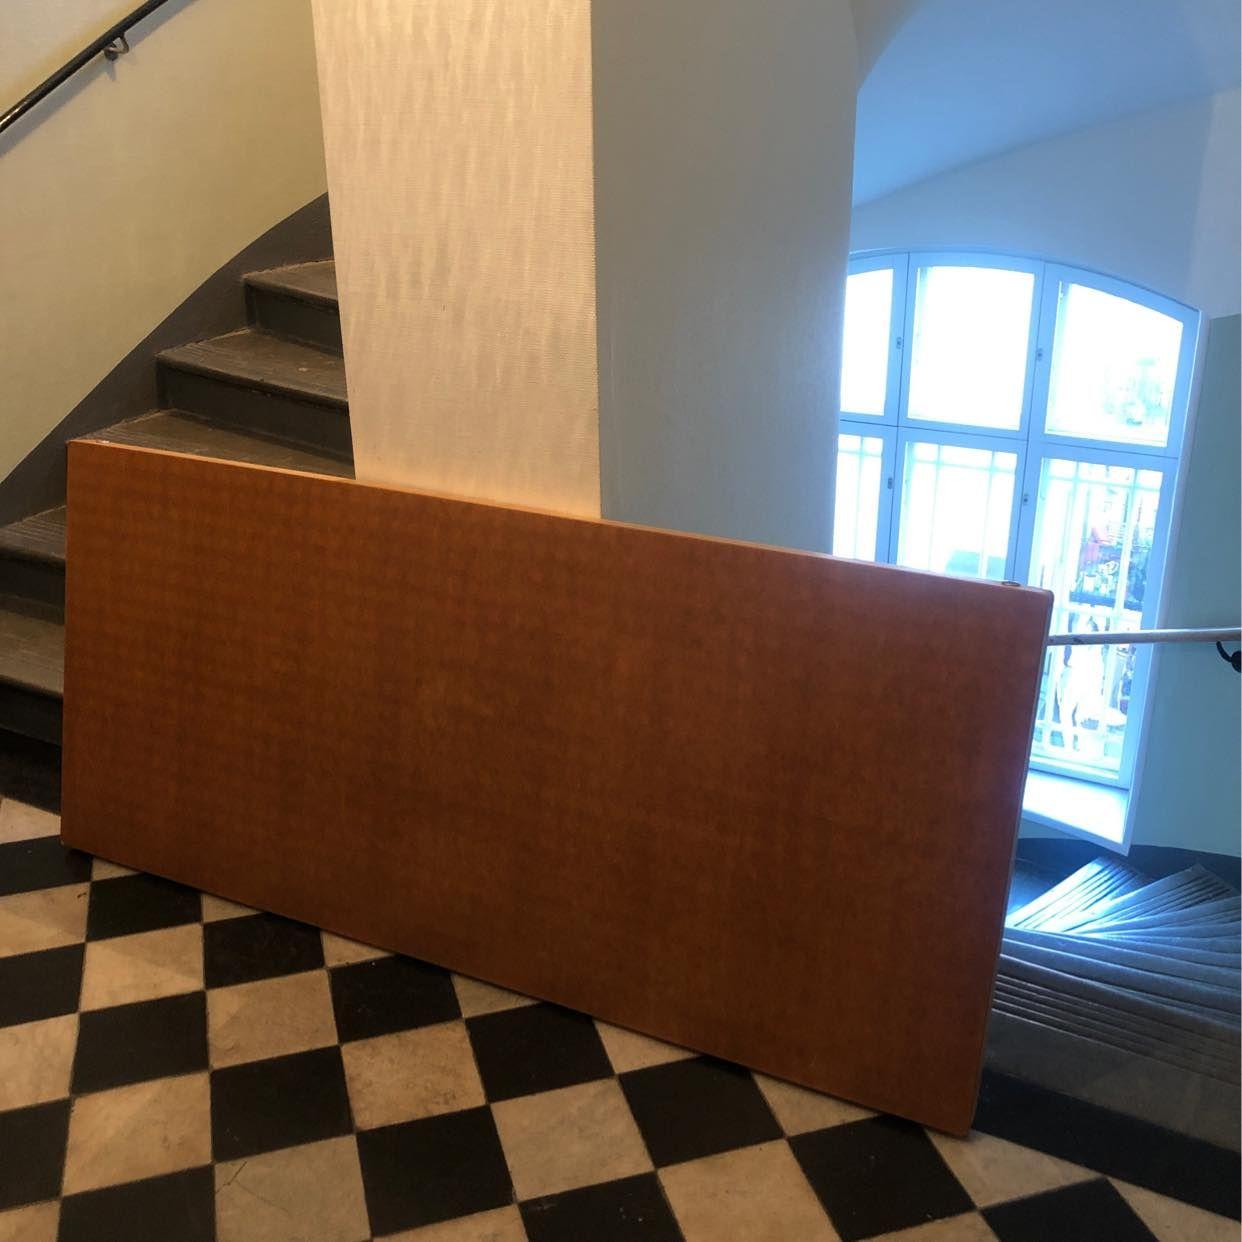 image of Bord med ihopfällbara ben - Stockholms Stad